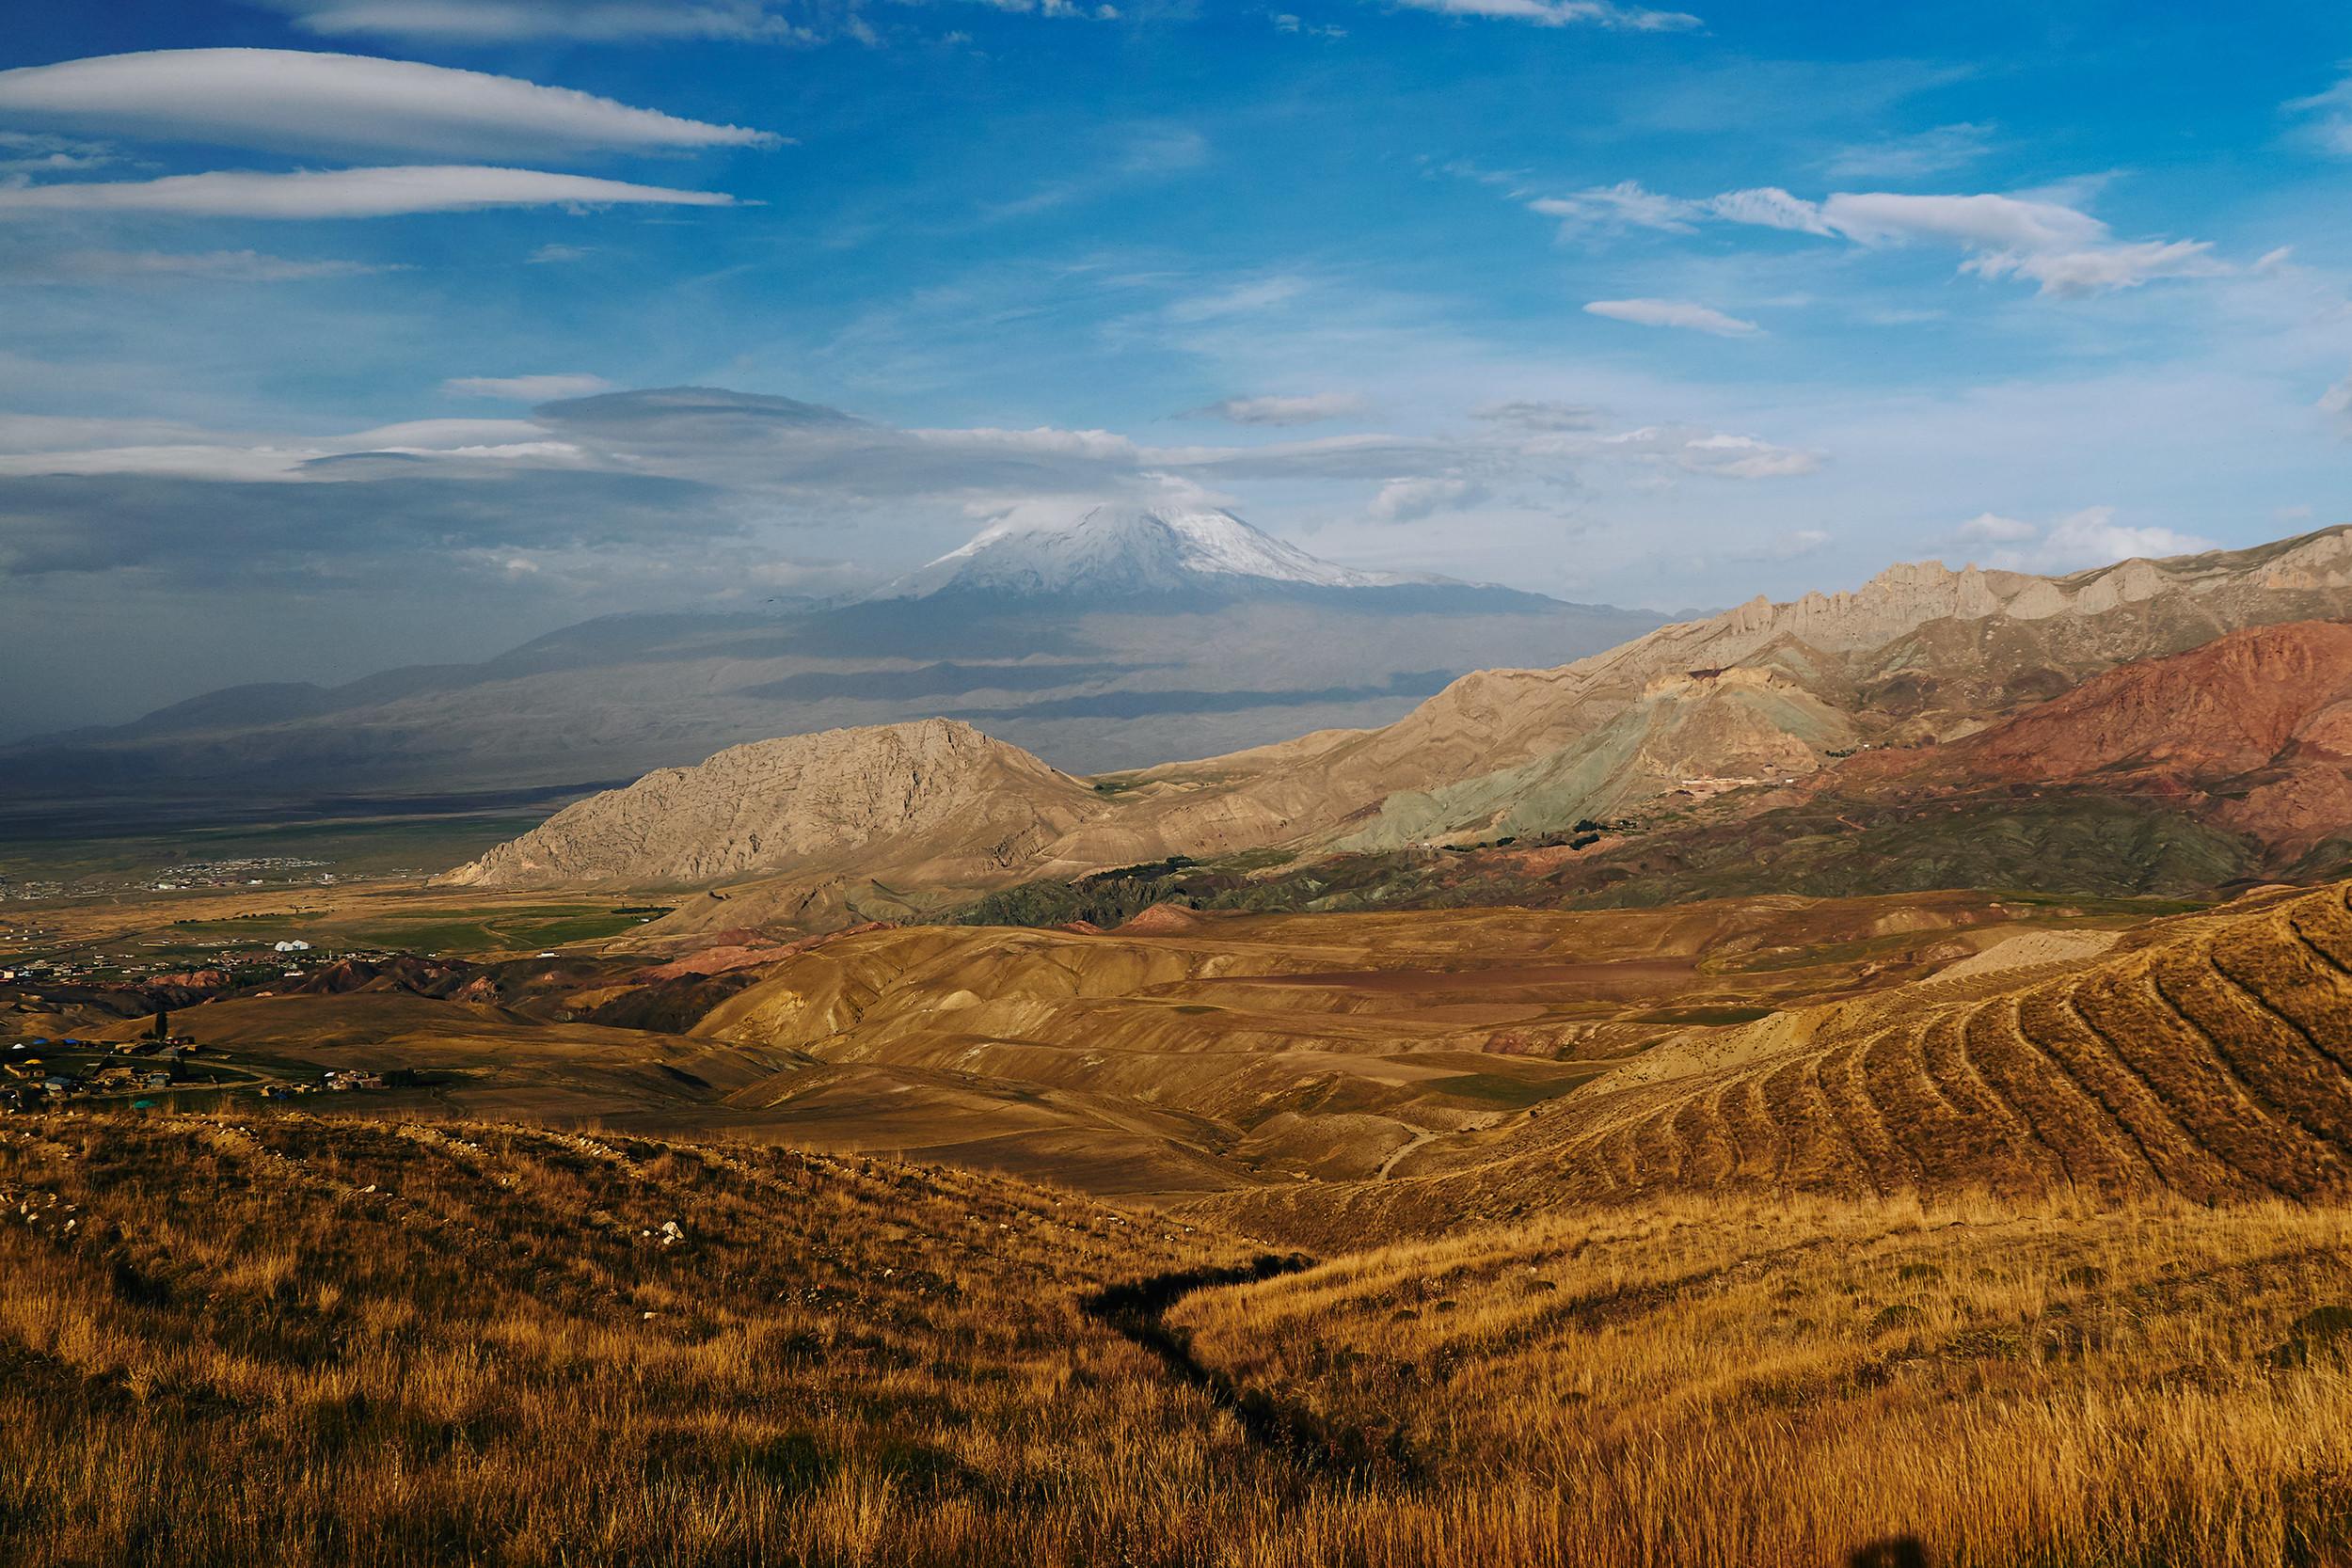 Mount Ararat and fields below